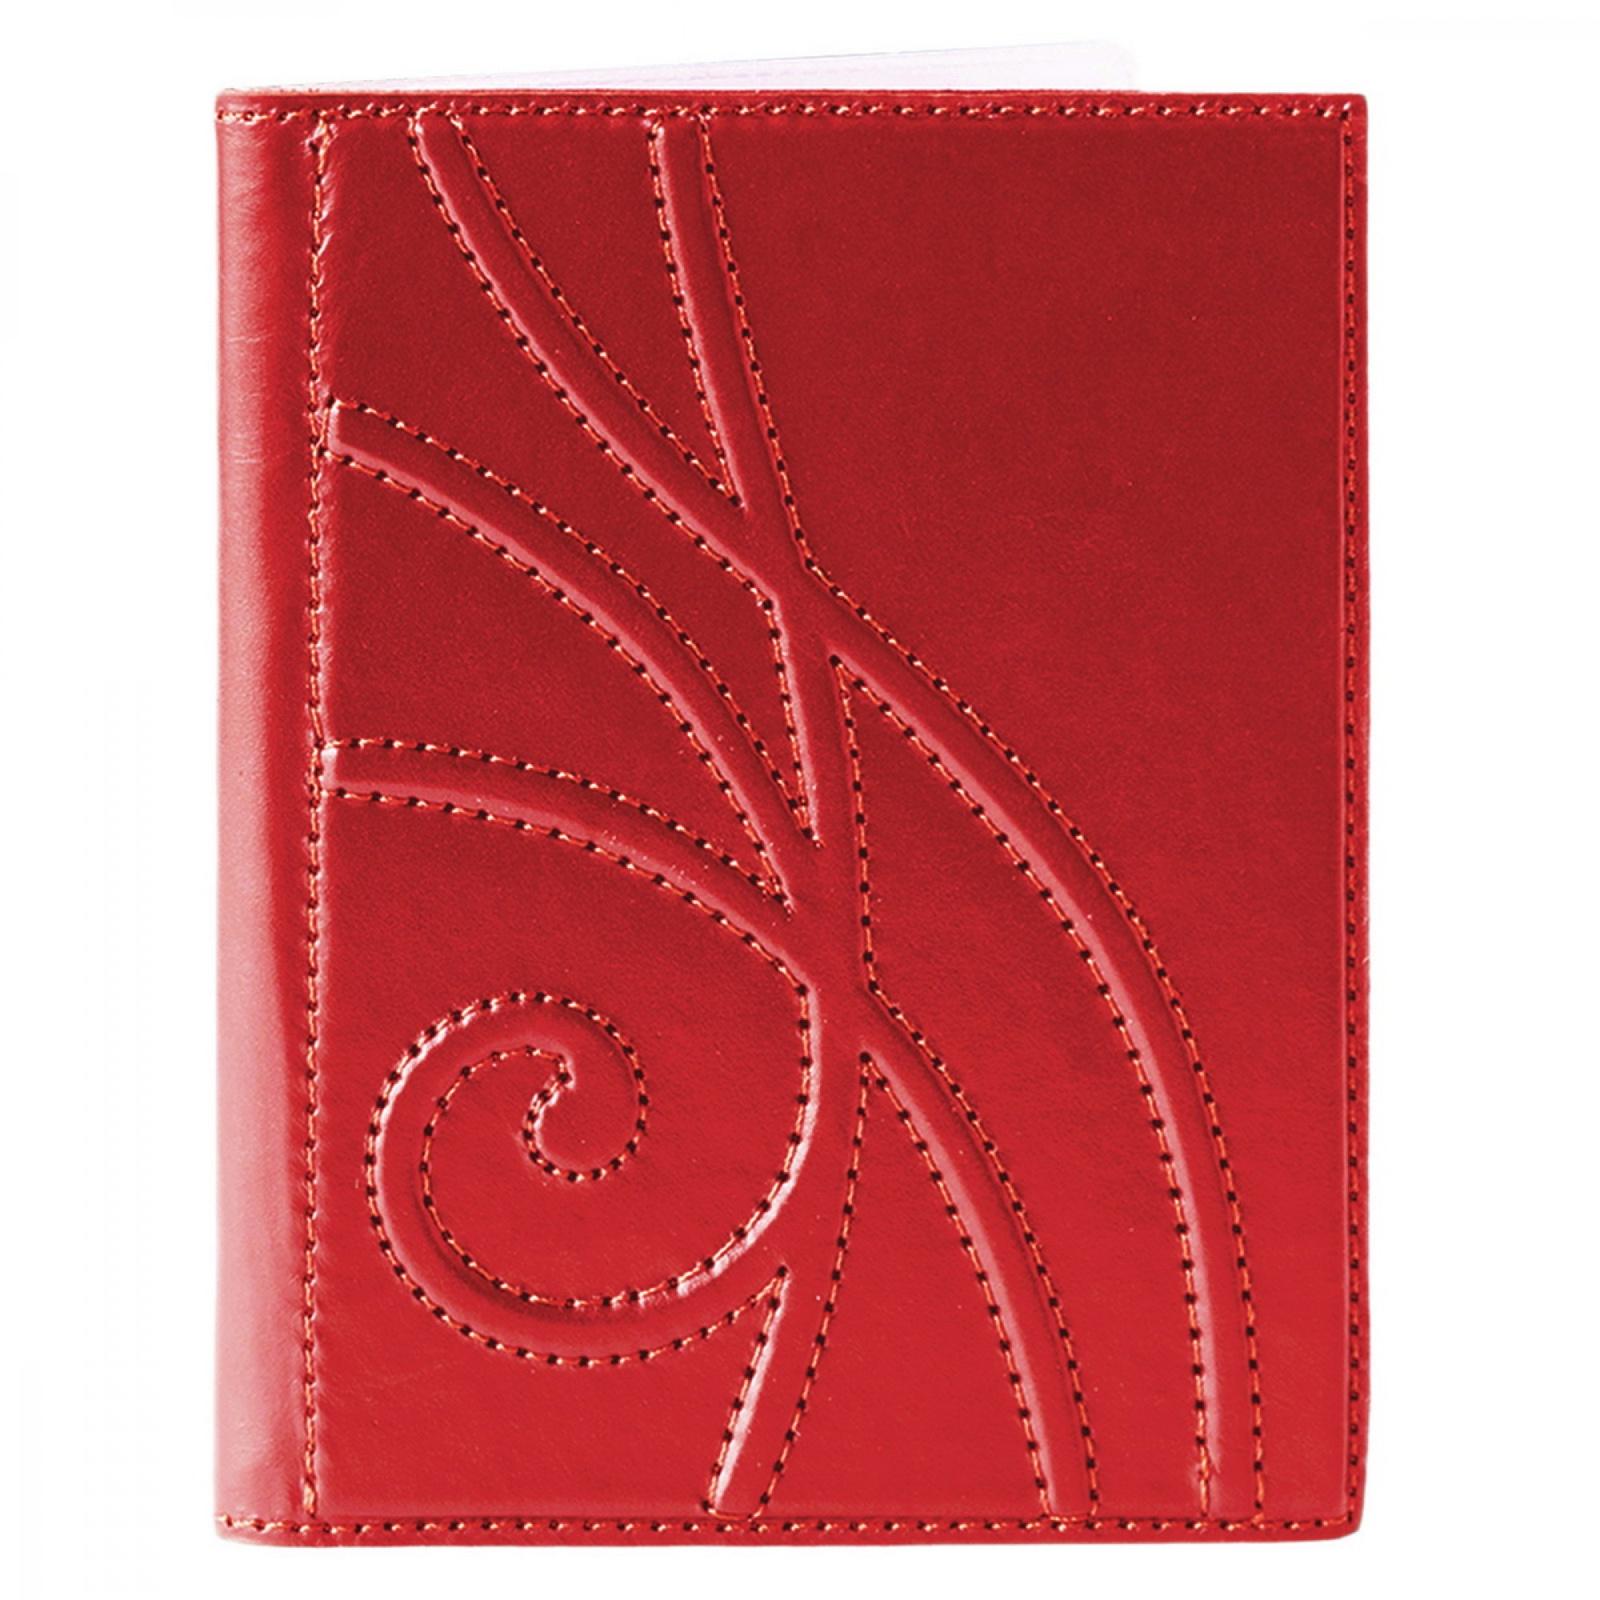 Обложка для водительского удостоверения женская Makey, 424-003-08-42, красный